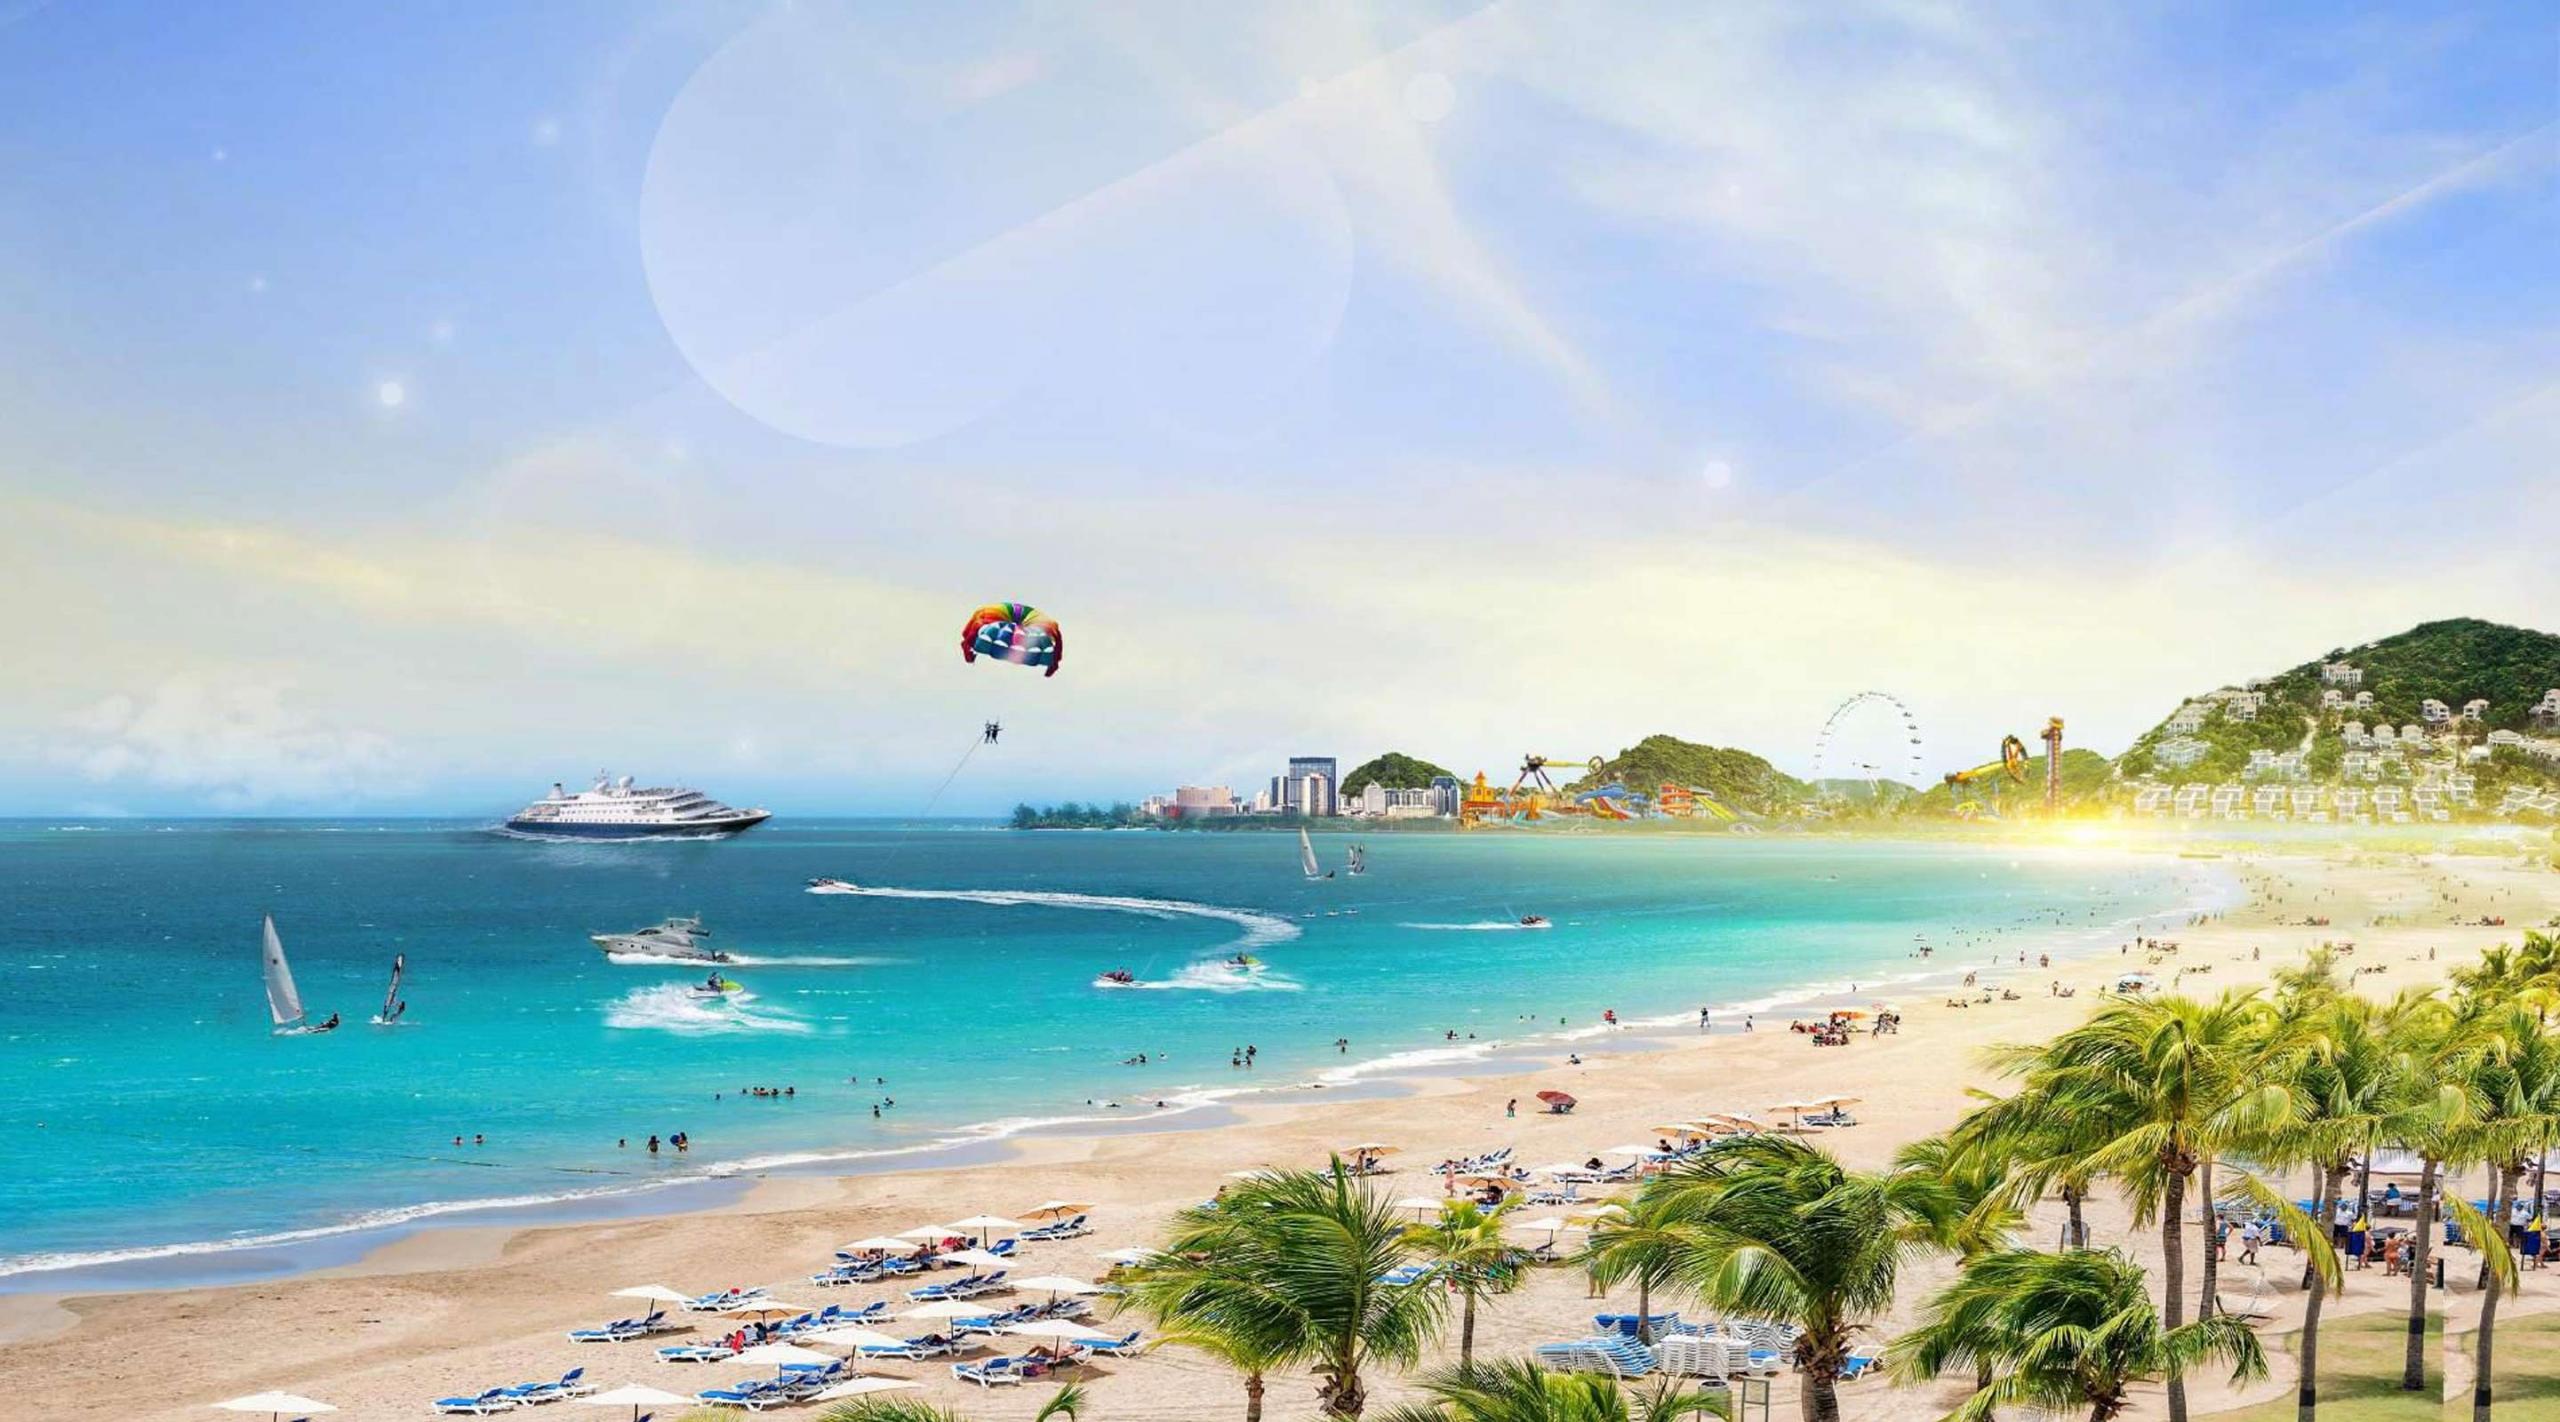 Phối cảnh dự án siêu du lịch nghỉ dưỡng NovaWorld Phan Thiết chủ đầu tư Novaland